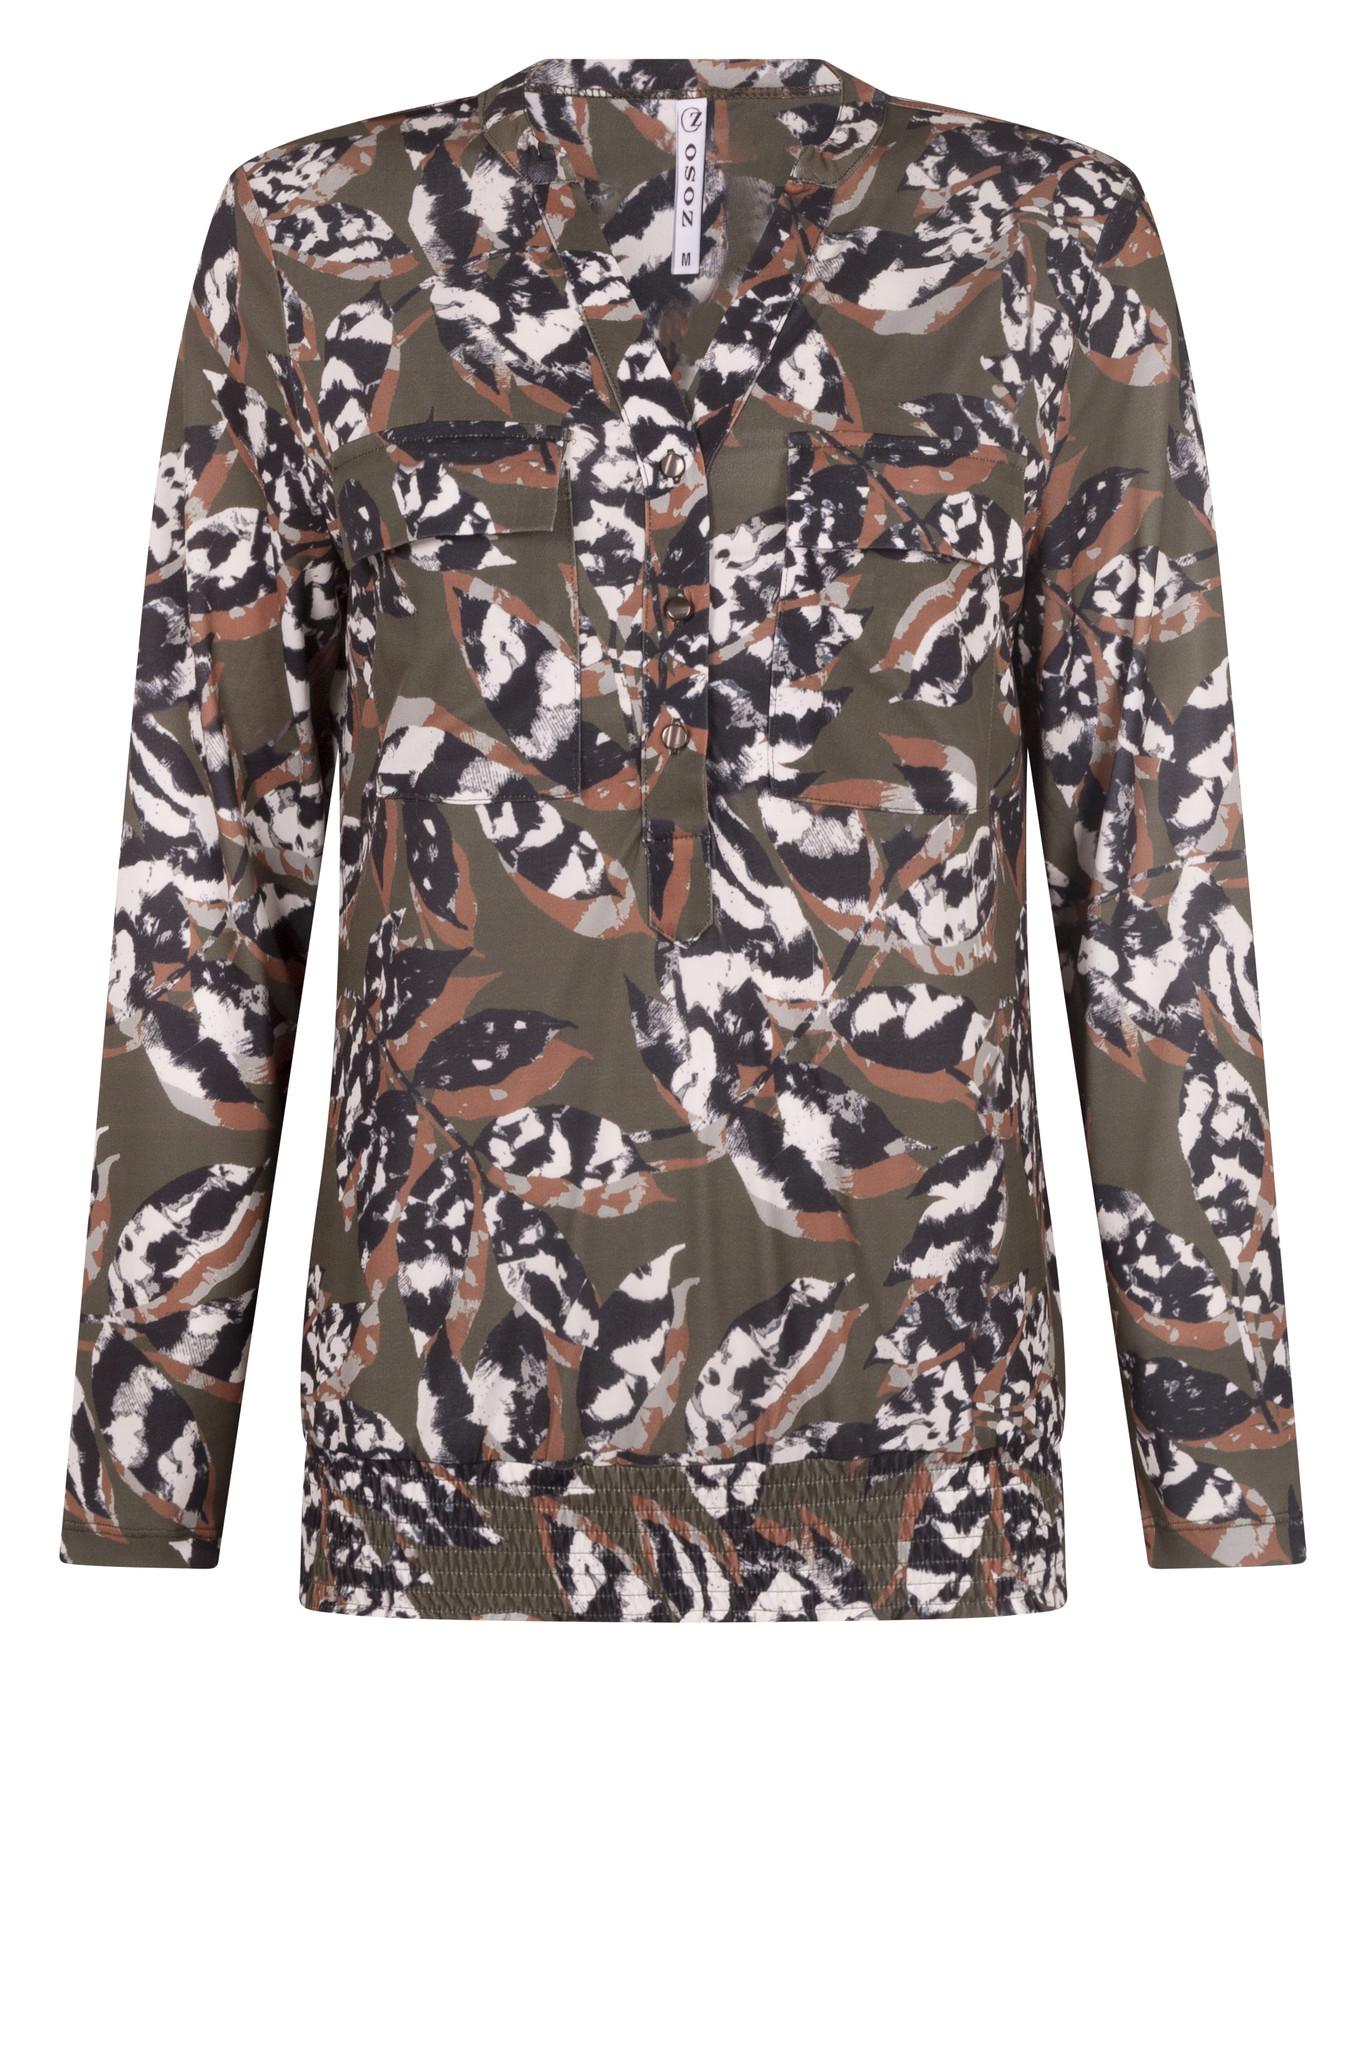 Zoso Zoso Lynn blouse printed splendour